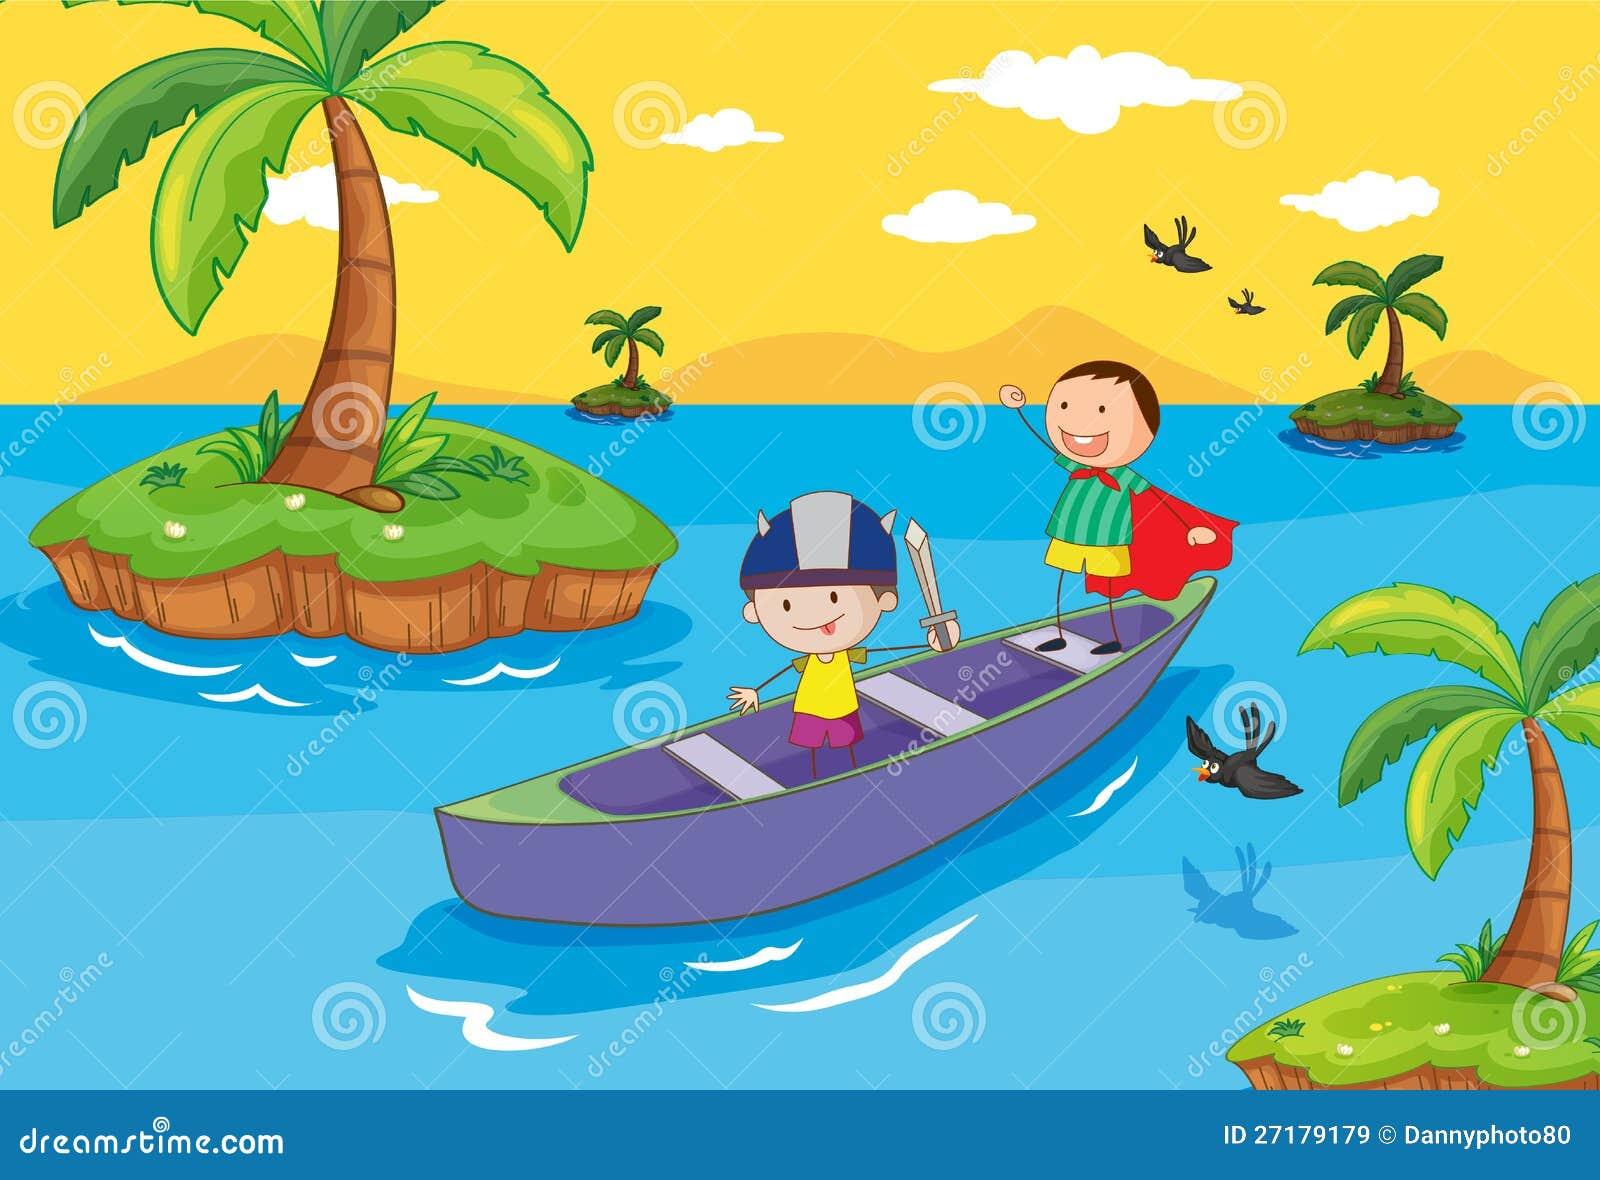 катаемся на лодке играть